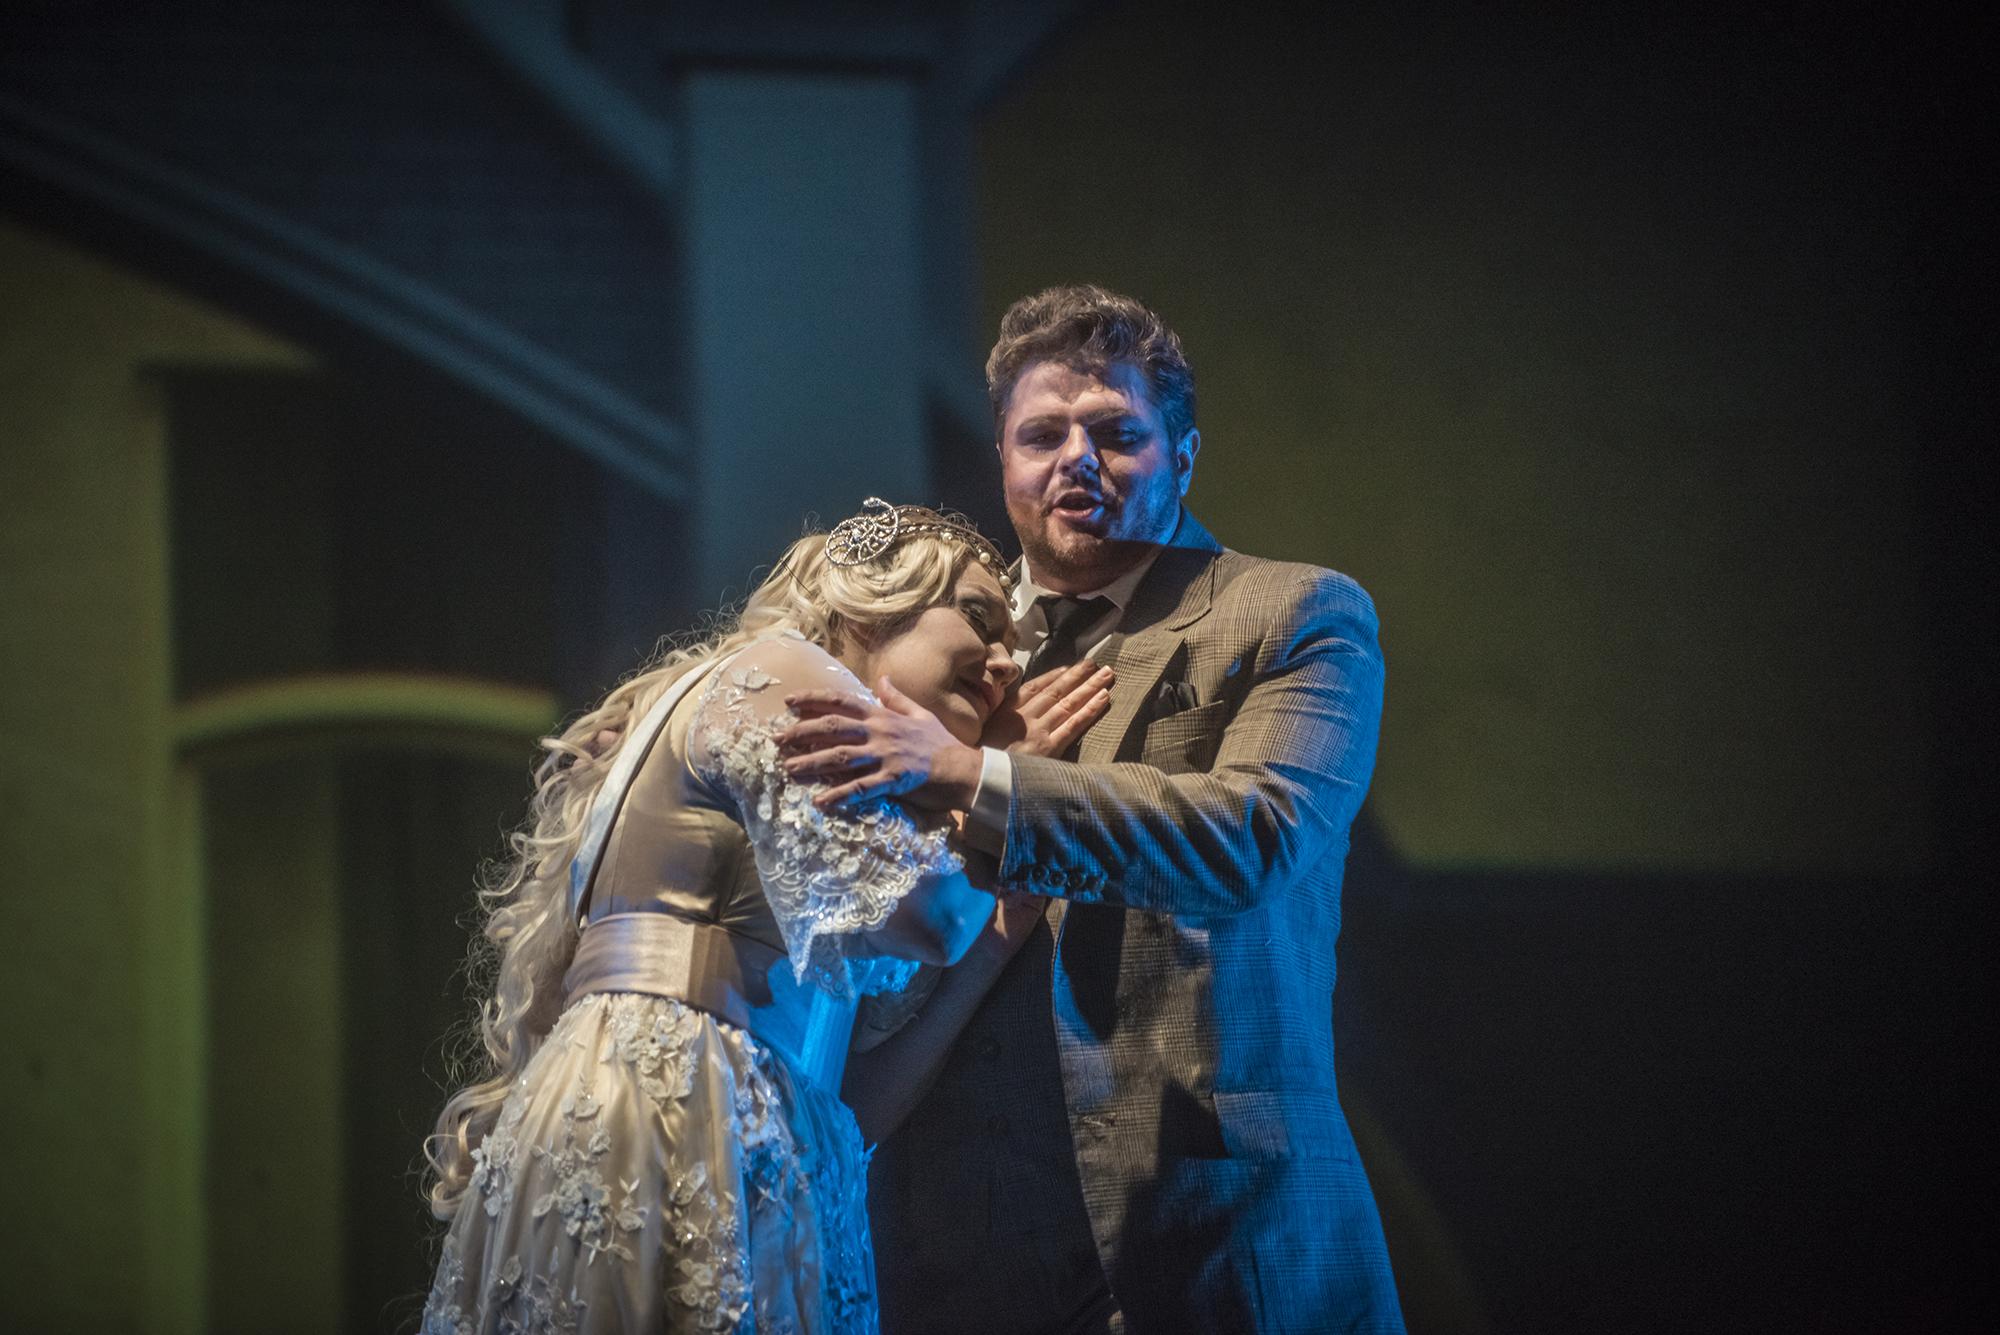 Rusalka (Dina Kuznetsova) y el Príncipe (Peter Berger) en el segundo acto. foto Patricio Melo